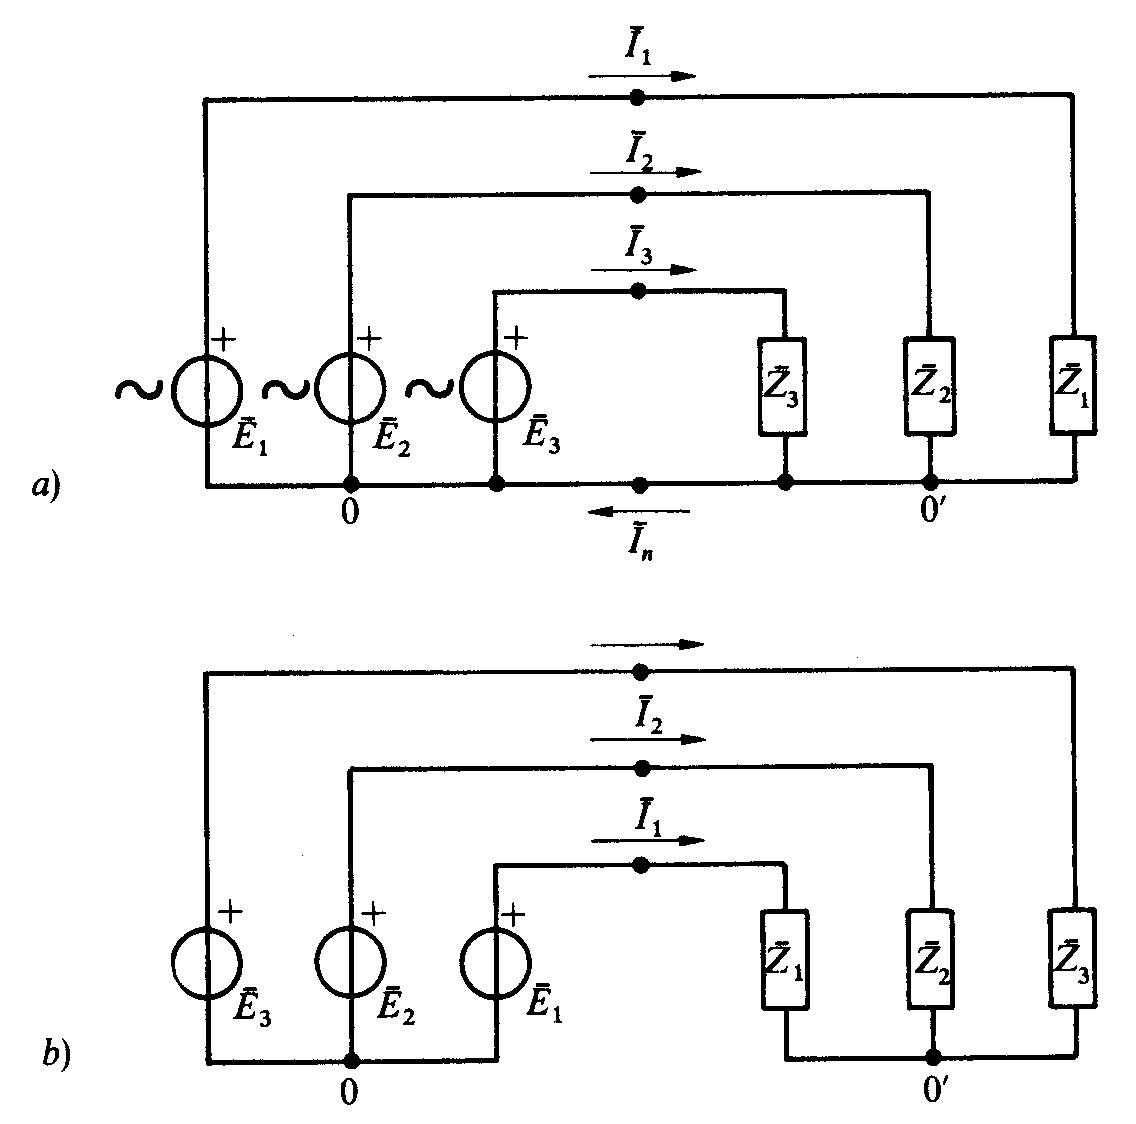 Schema Elettrico Trifase : Elettronica